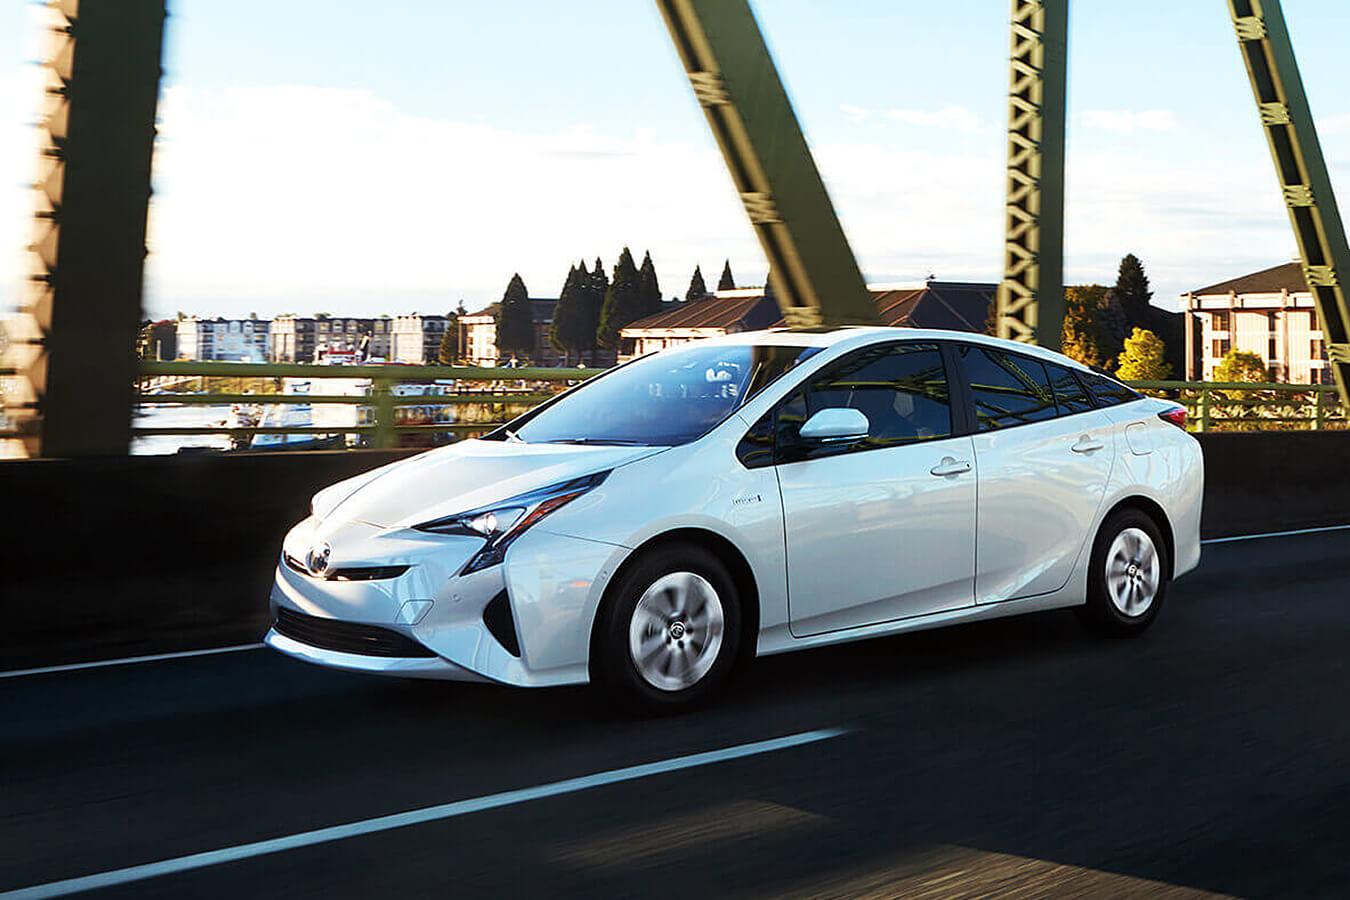 Toyota Prius de color blanco